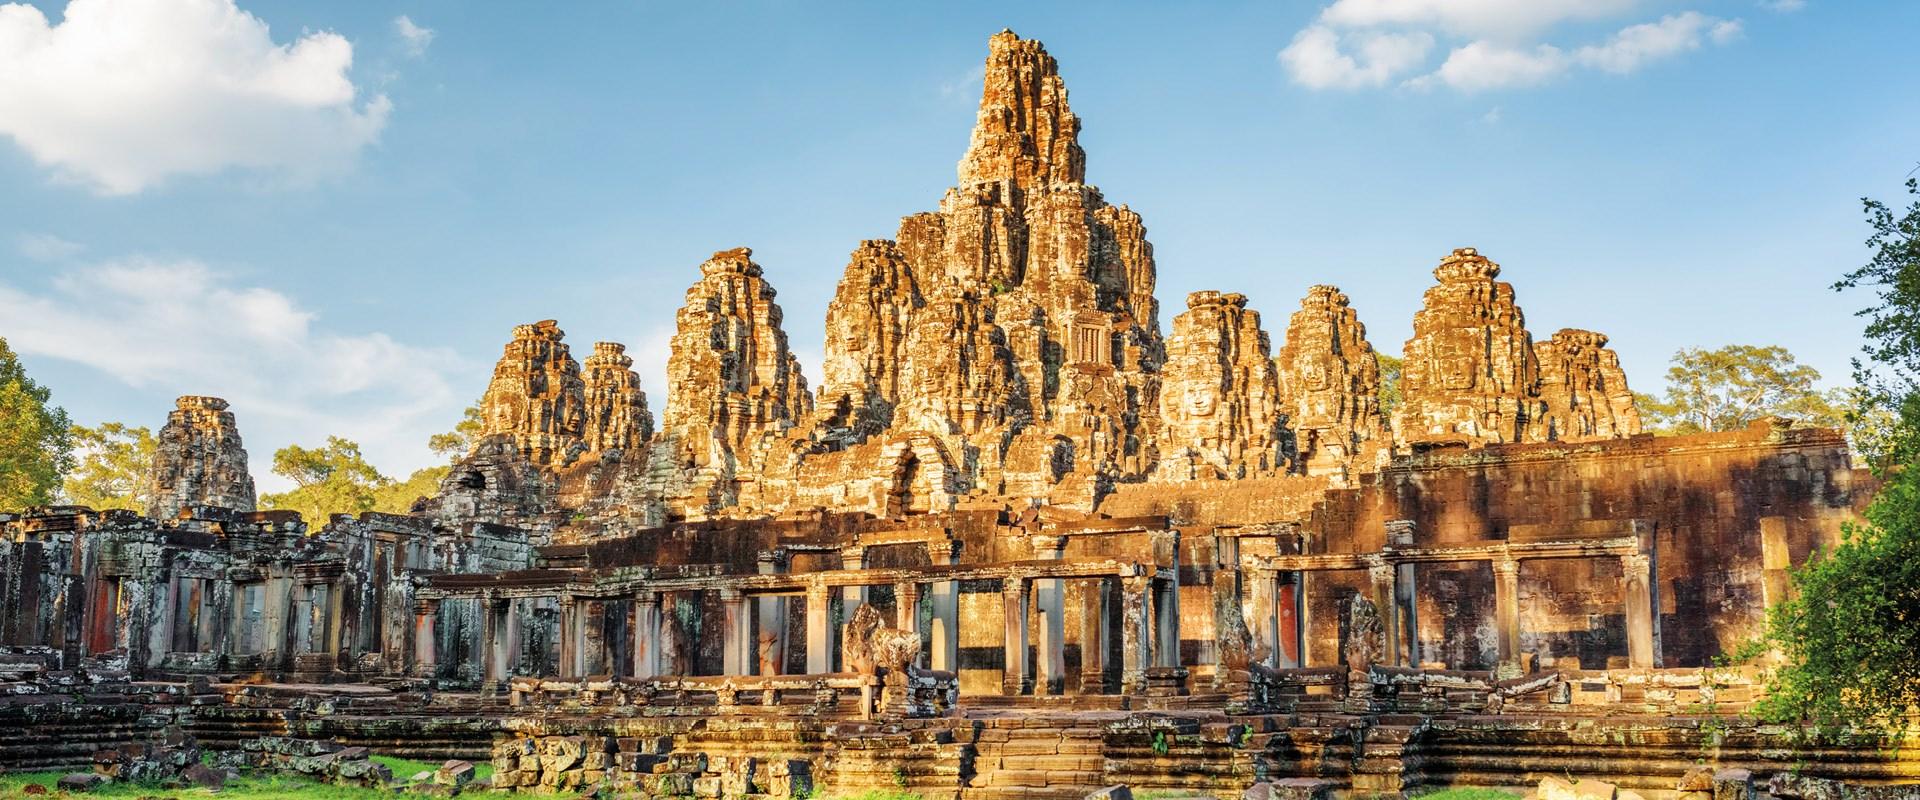 Risultati immagini per temples ho chi minh